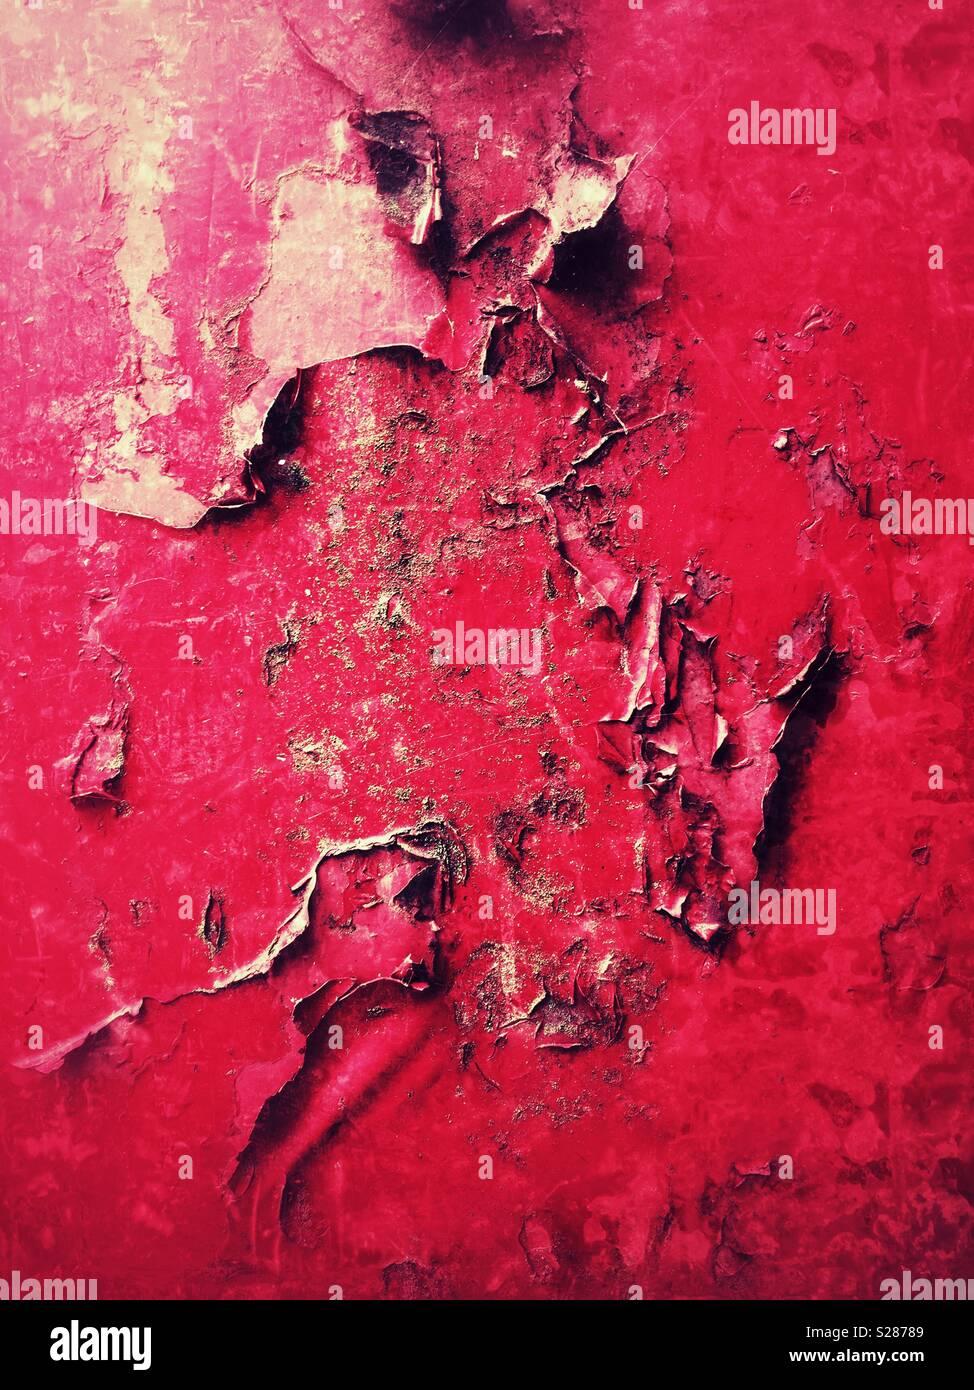 Ampolladas y pelando la pintura roja sobre el trabajo de metal oxidado Imagen De Stock